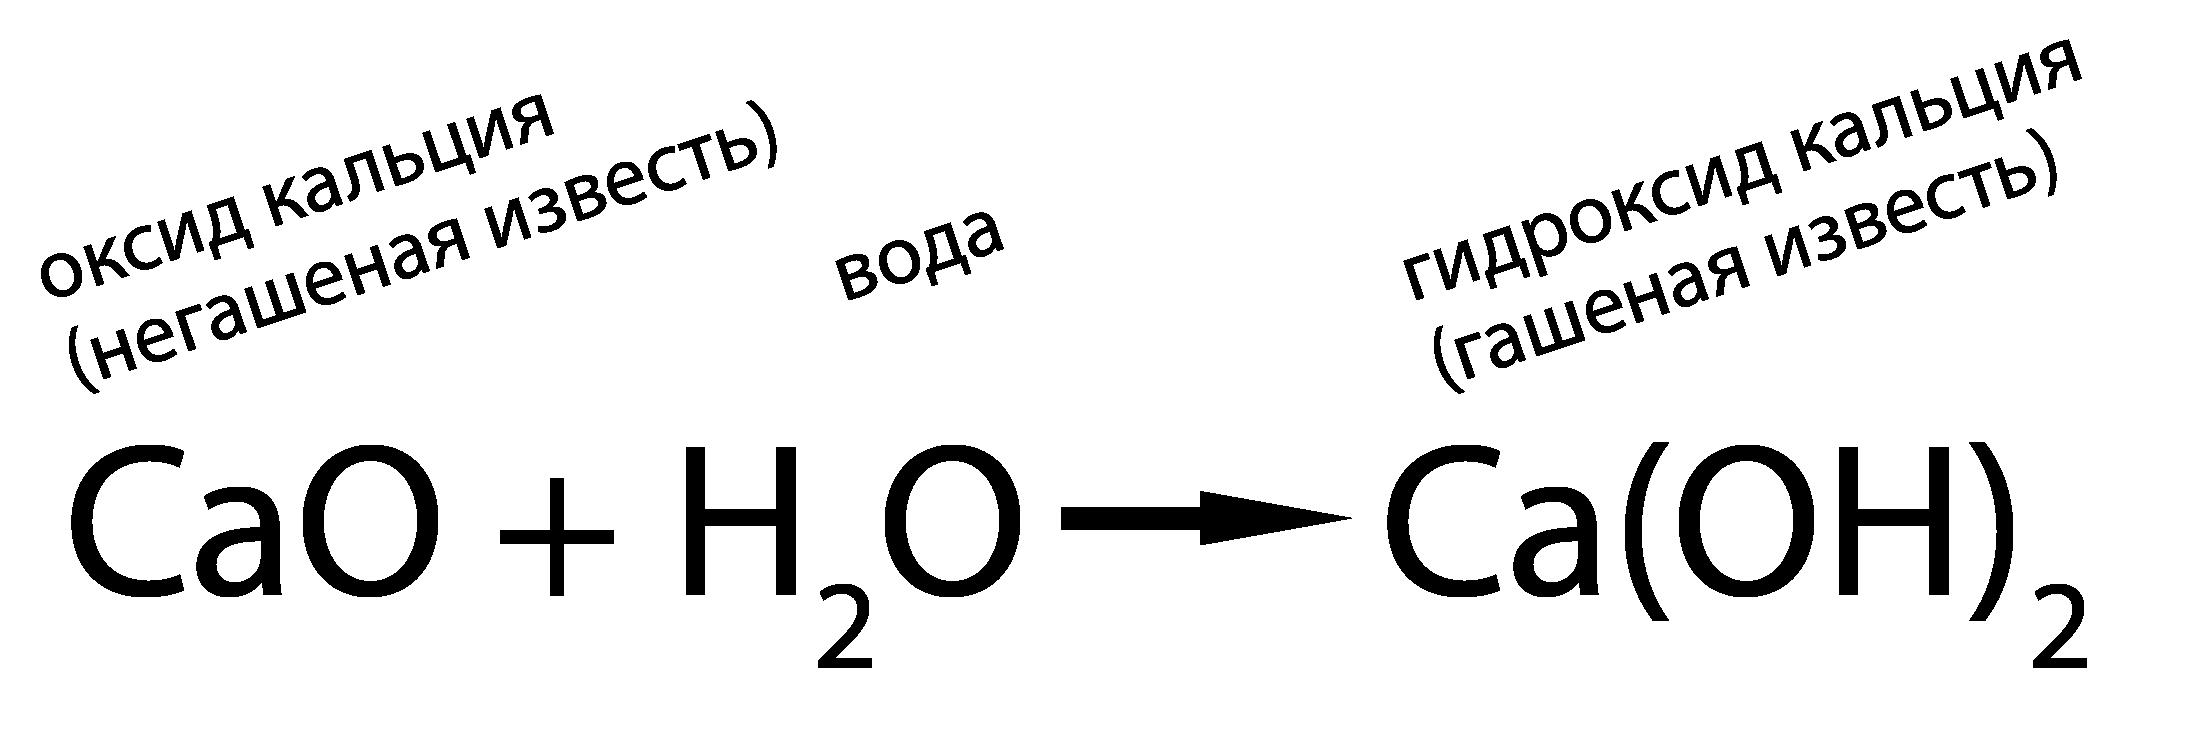 Из оксида кальция образуется гидроксид кальция